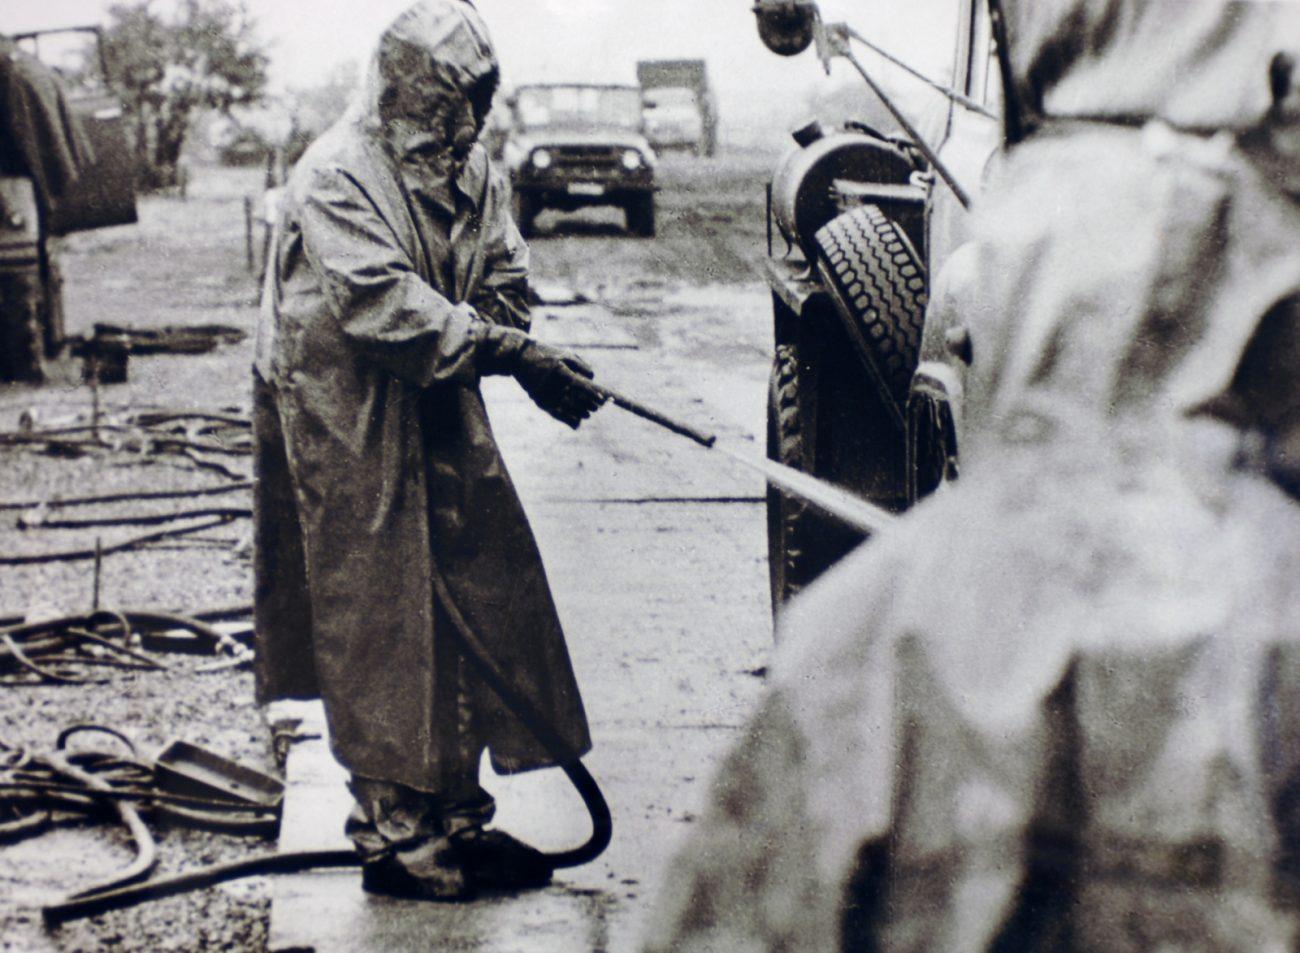 Liquidatoren bei der Dekonterminierung in Tschernobyl nach der Reaktor-Katastrophe: Die Menschen wurden vom Militär mobilisiert. Historisches Bild der Ukrainischen Gesellschaft für Freundschaft und Kulturbeziehungen mit anderen Staaten (USFCRFC).